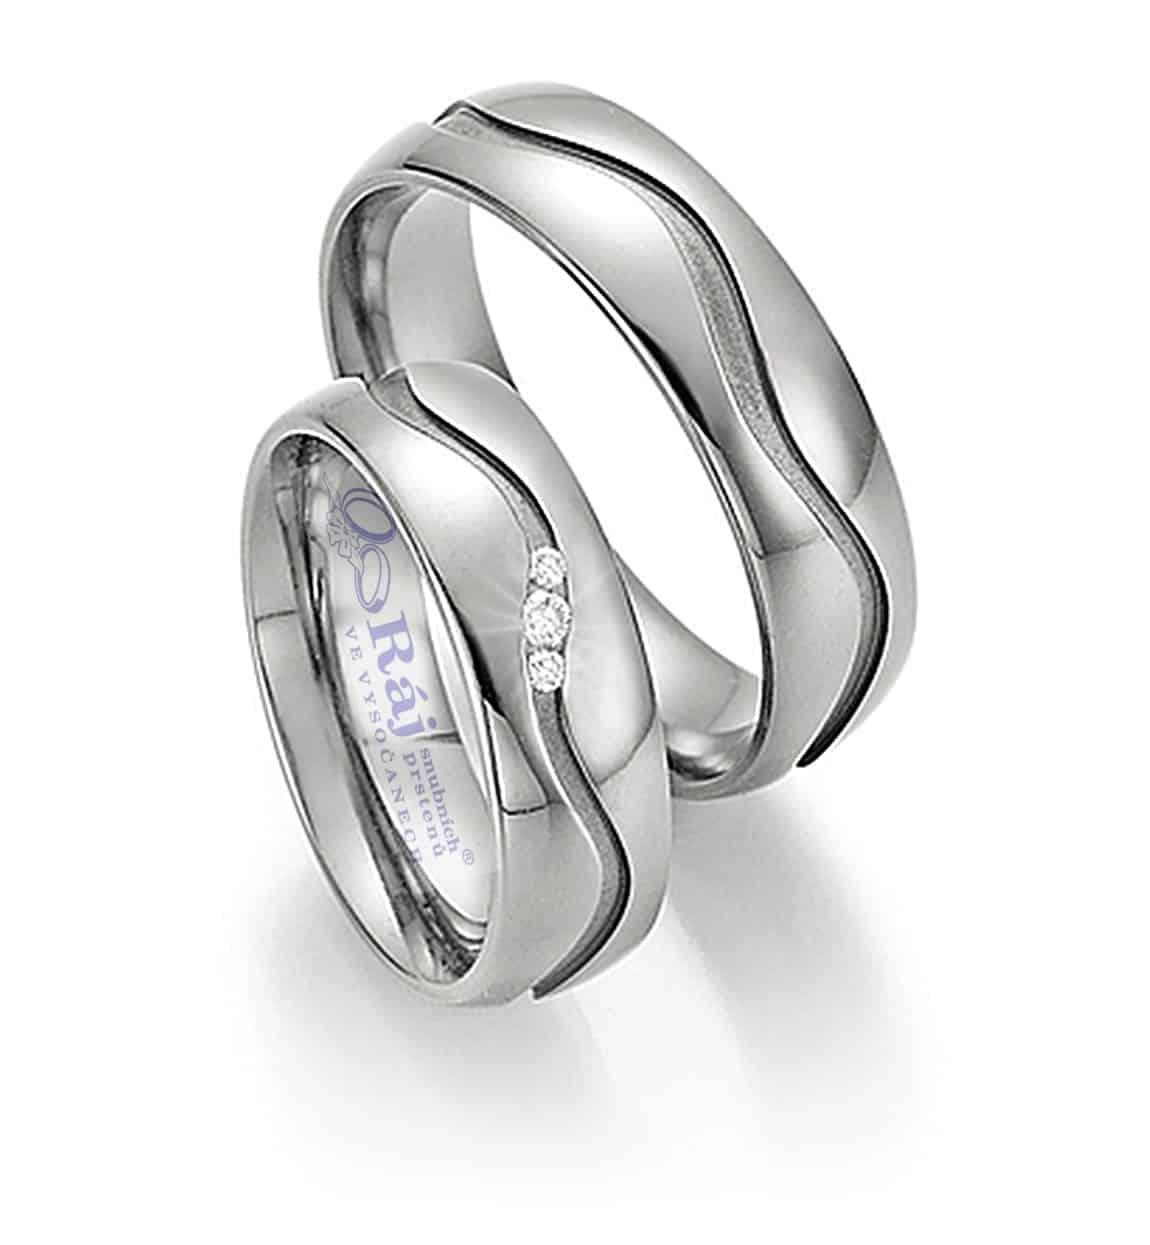 Ráj snubních prstenů elegance s vlnkou